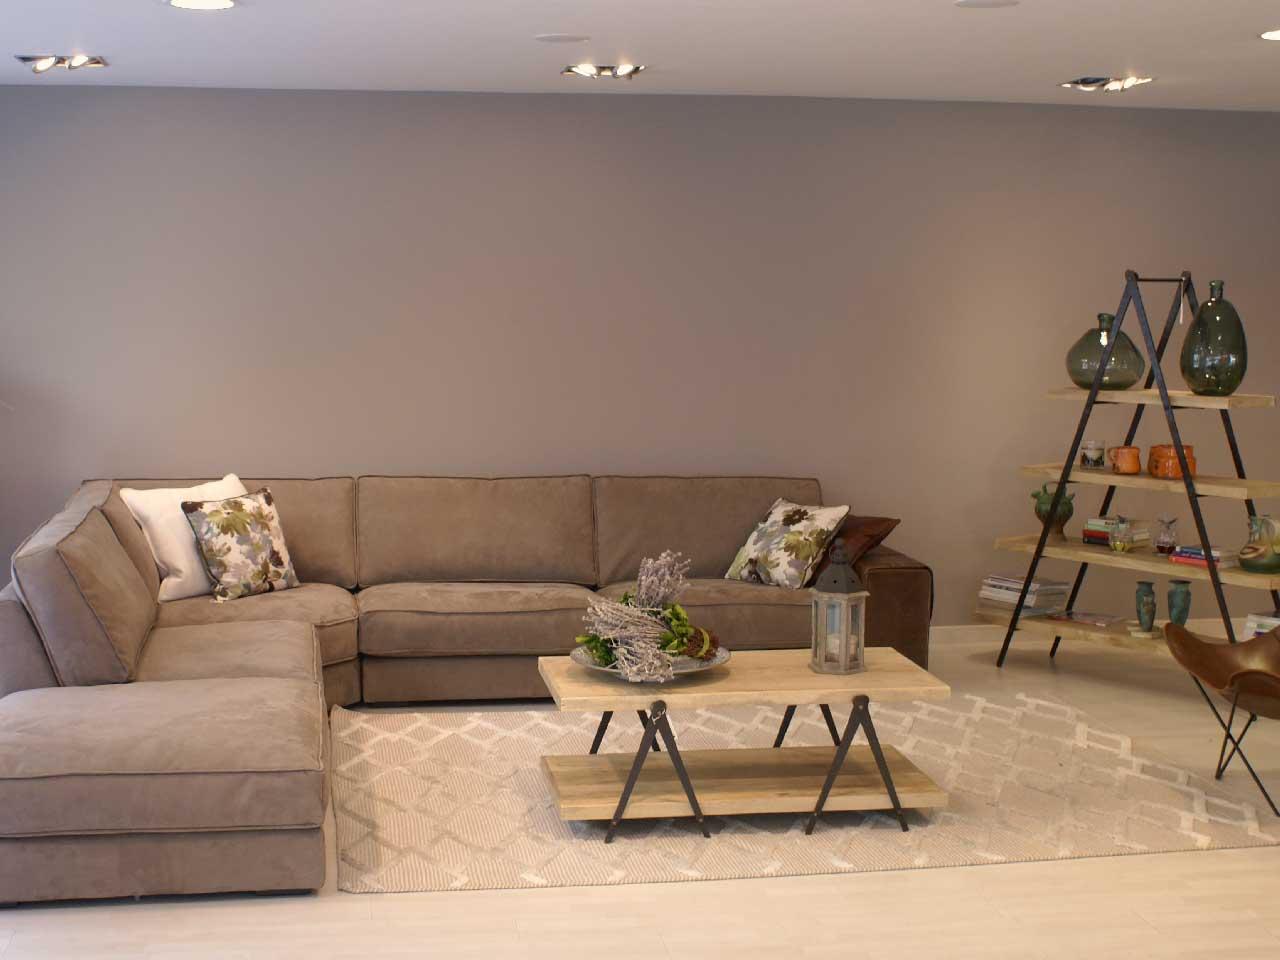 Comprar sofa Barcelona S1du Guà A Para Prar sofas En Barcelona